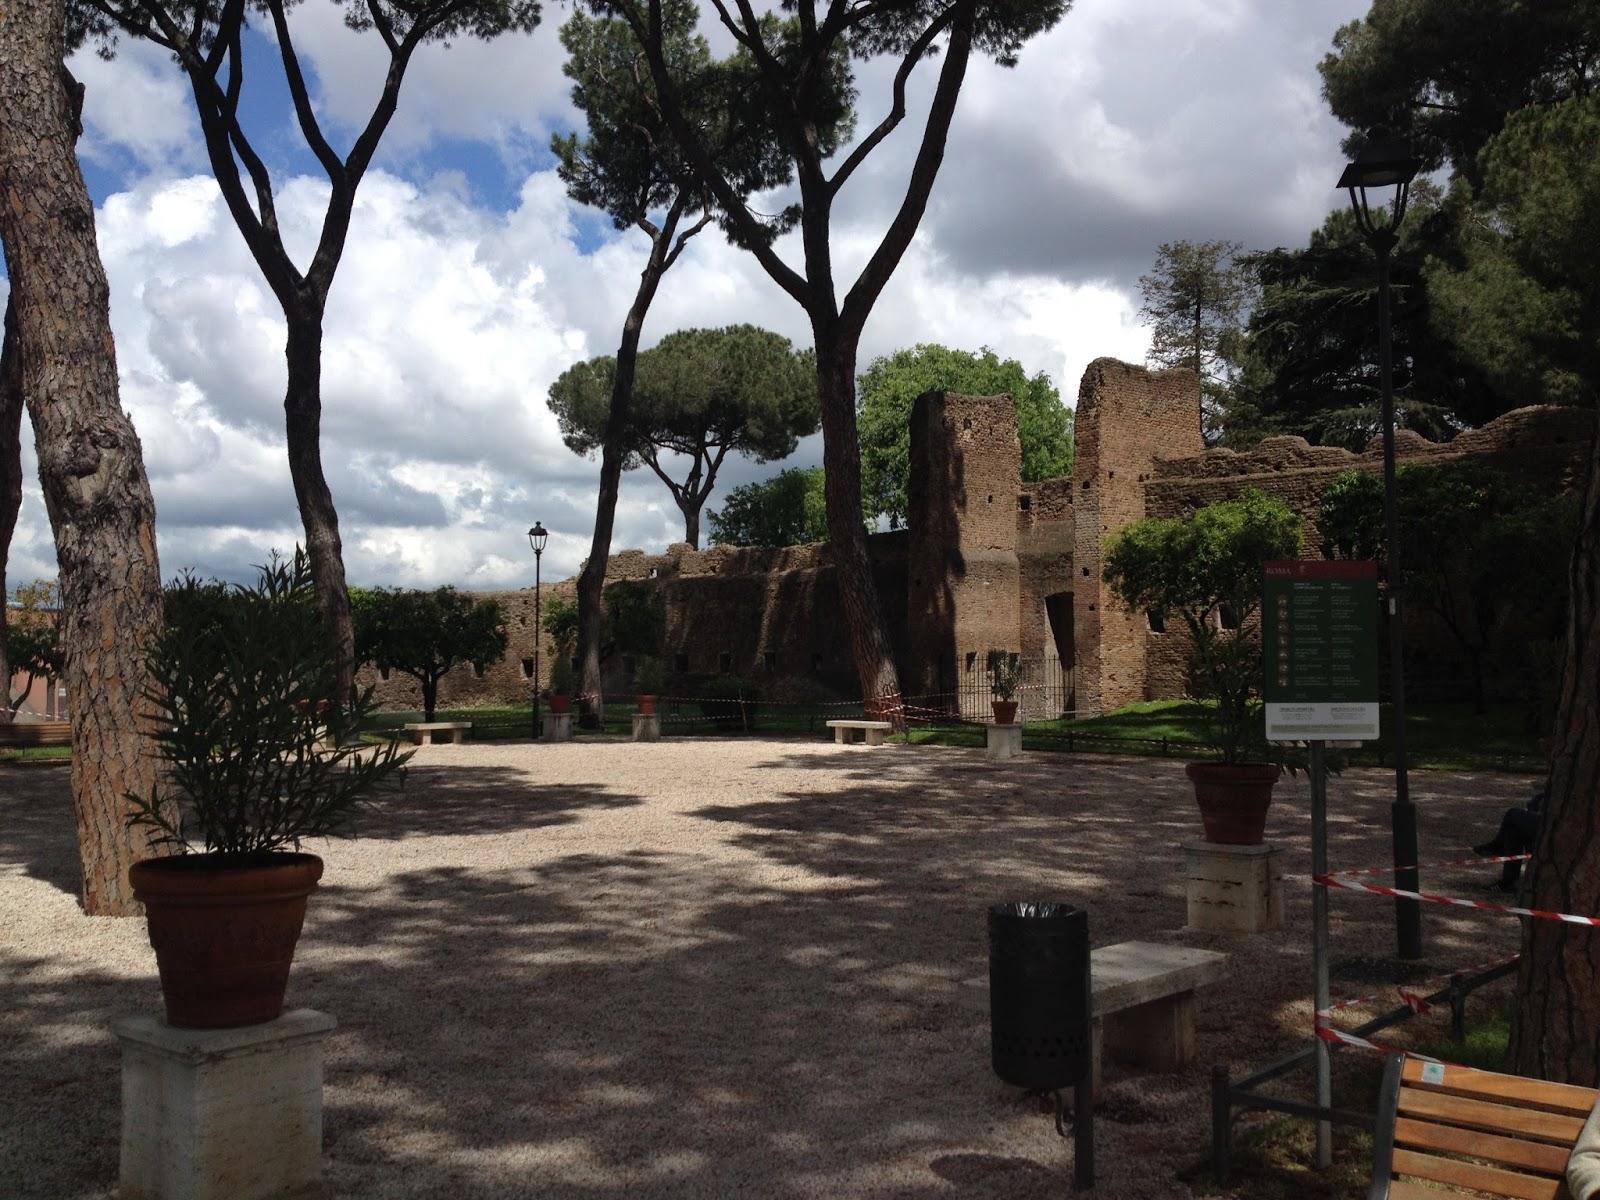 In bici per roma il giardino degli aranci ancora pi bello - Giardino degli aranci frattamaggiore ...